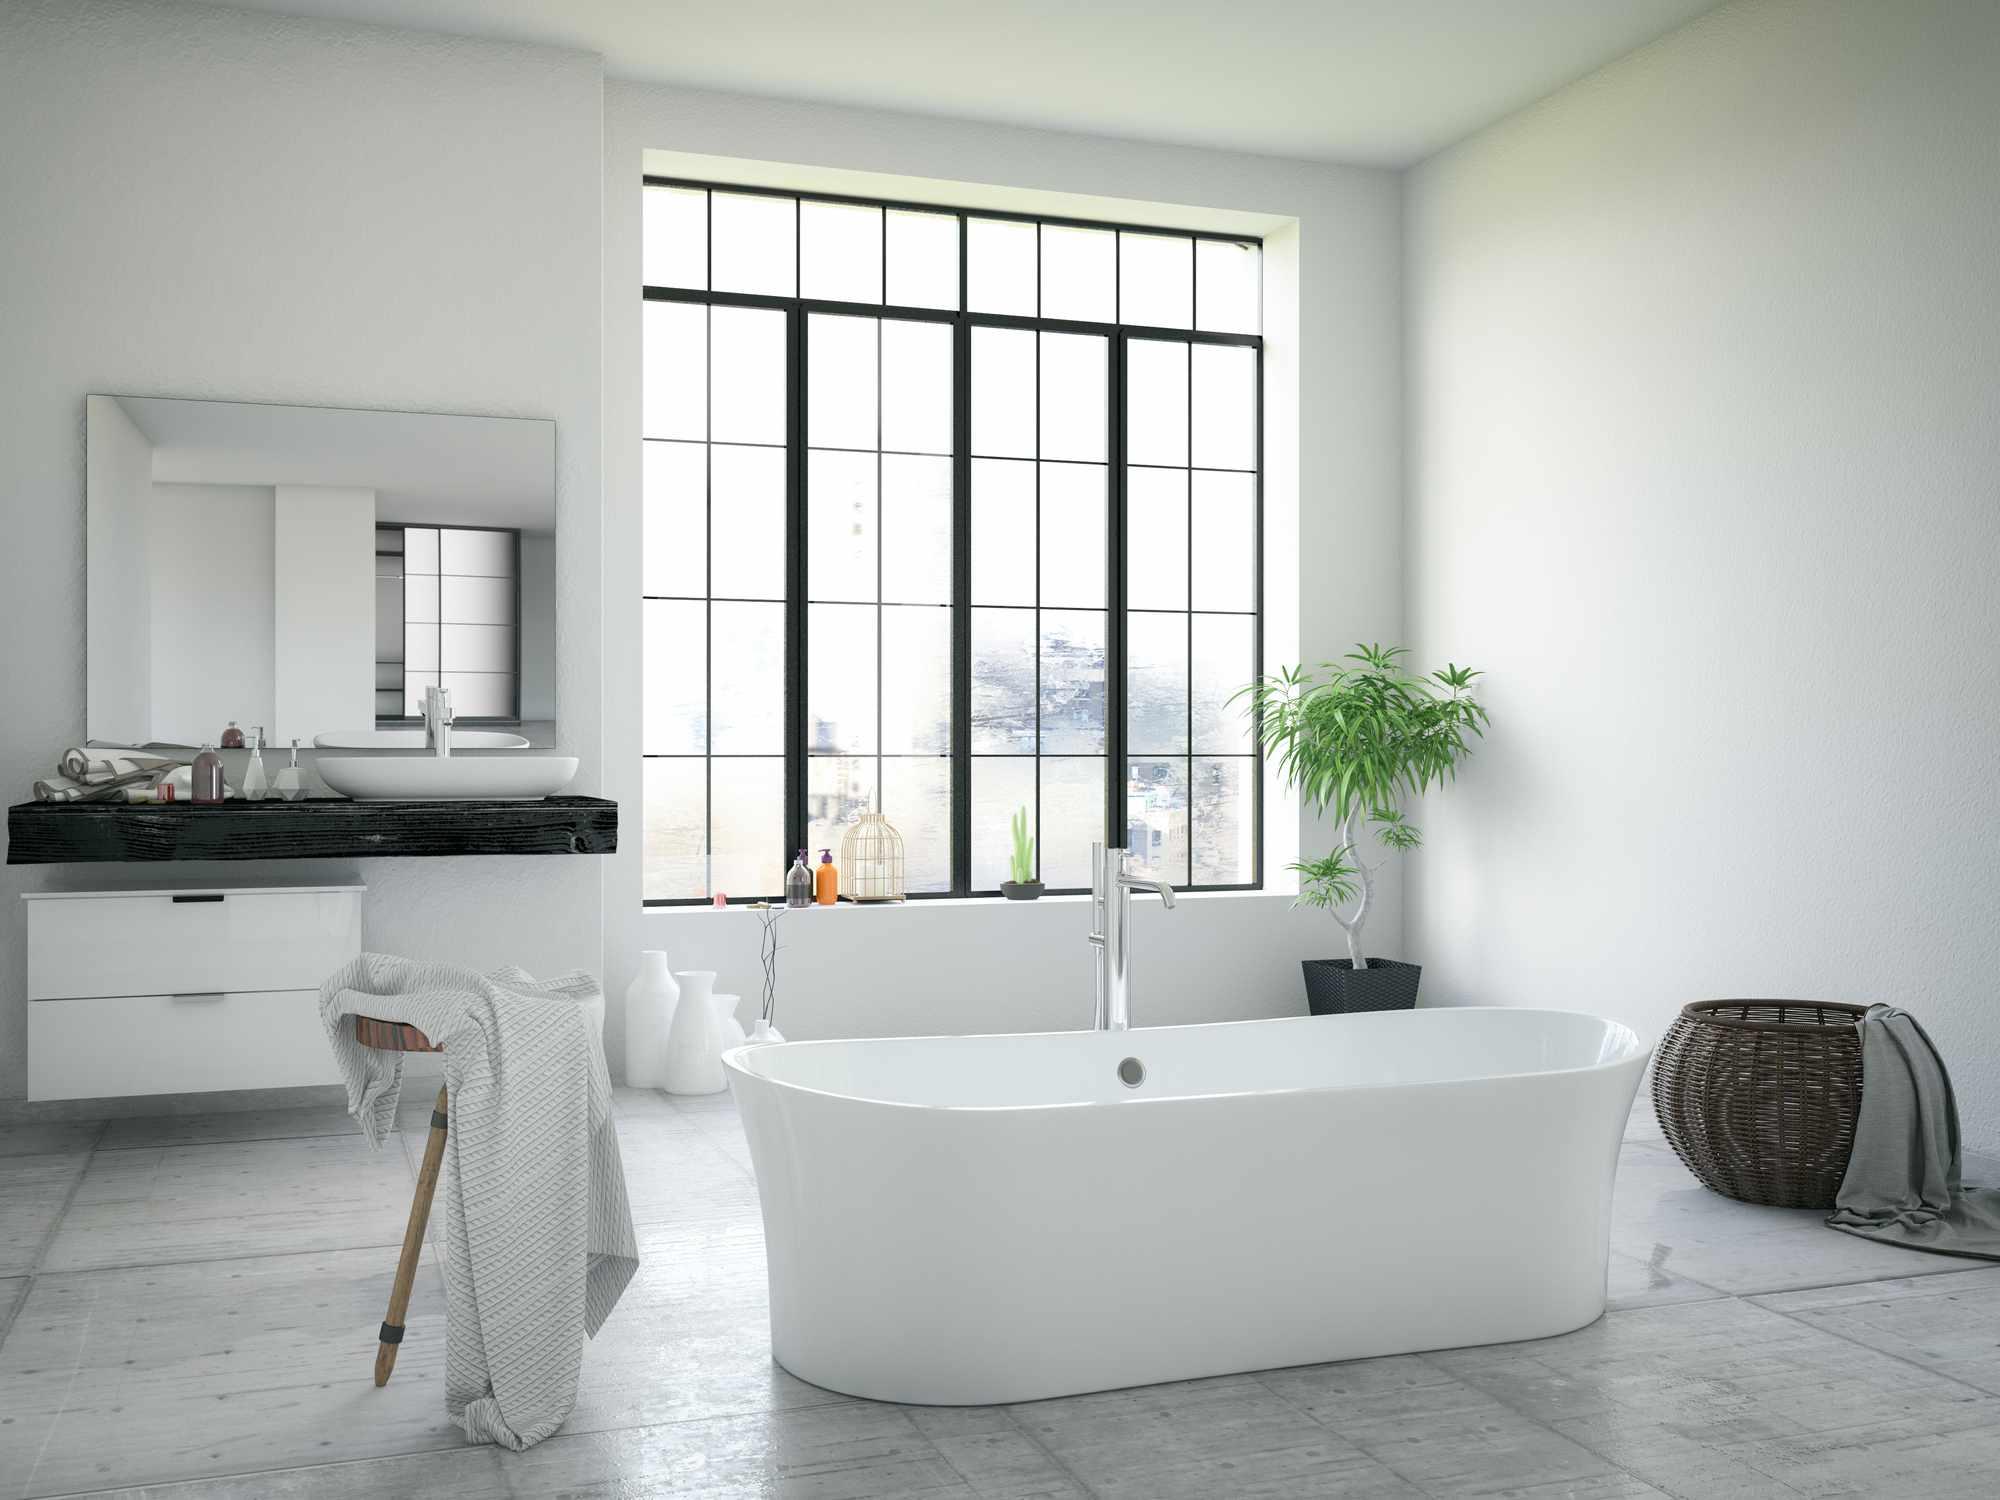 A freestanding bathtub in a modern bathroom